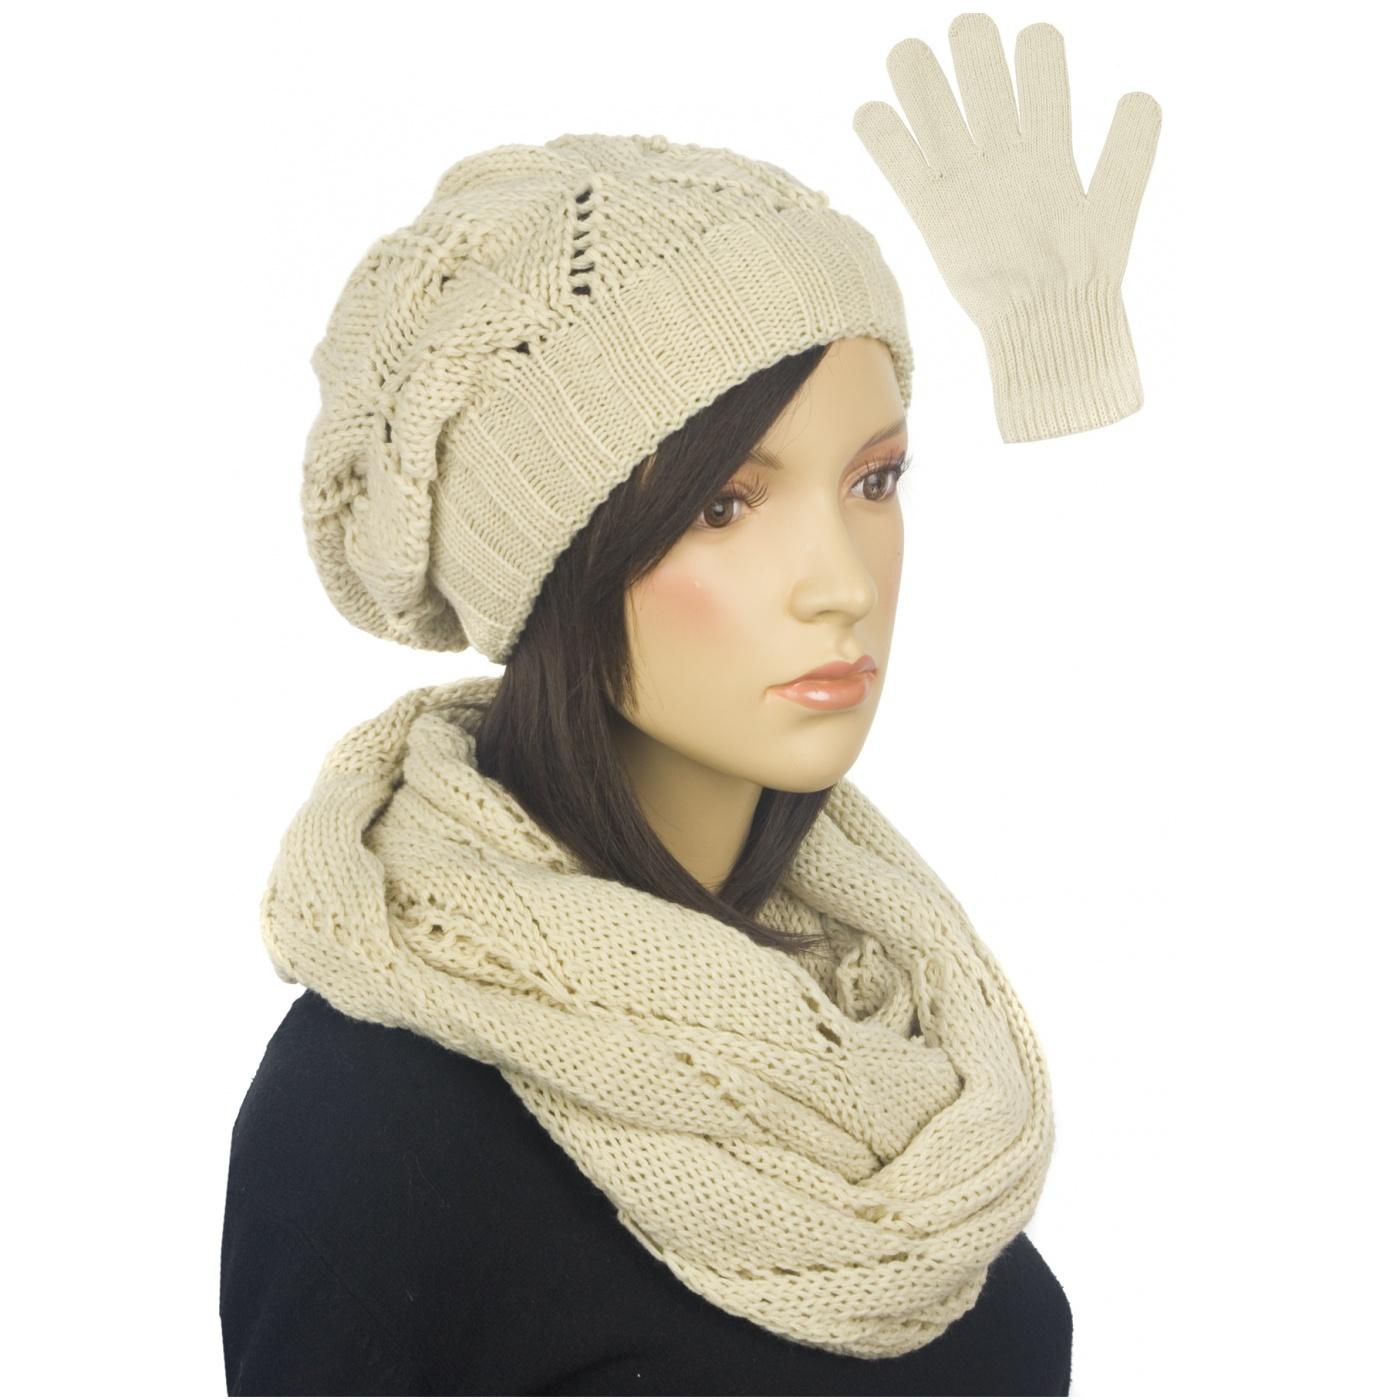 Ażurowy komplet damski czapka, komin, rękawiczki - beżowy